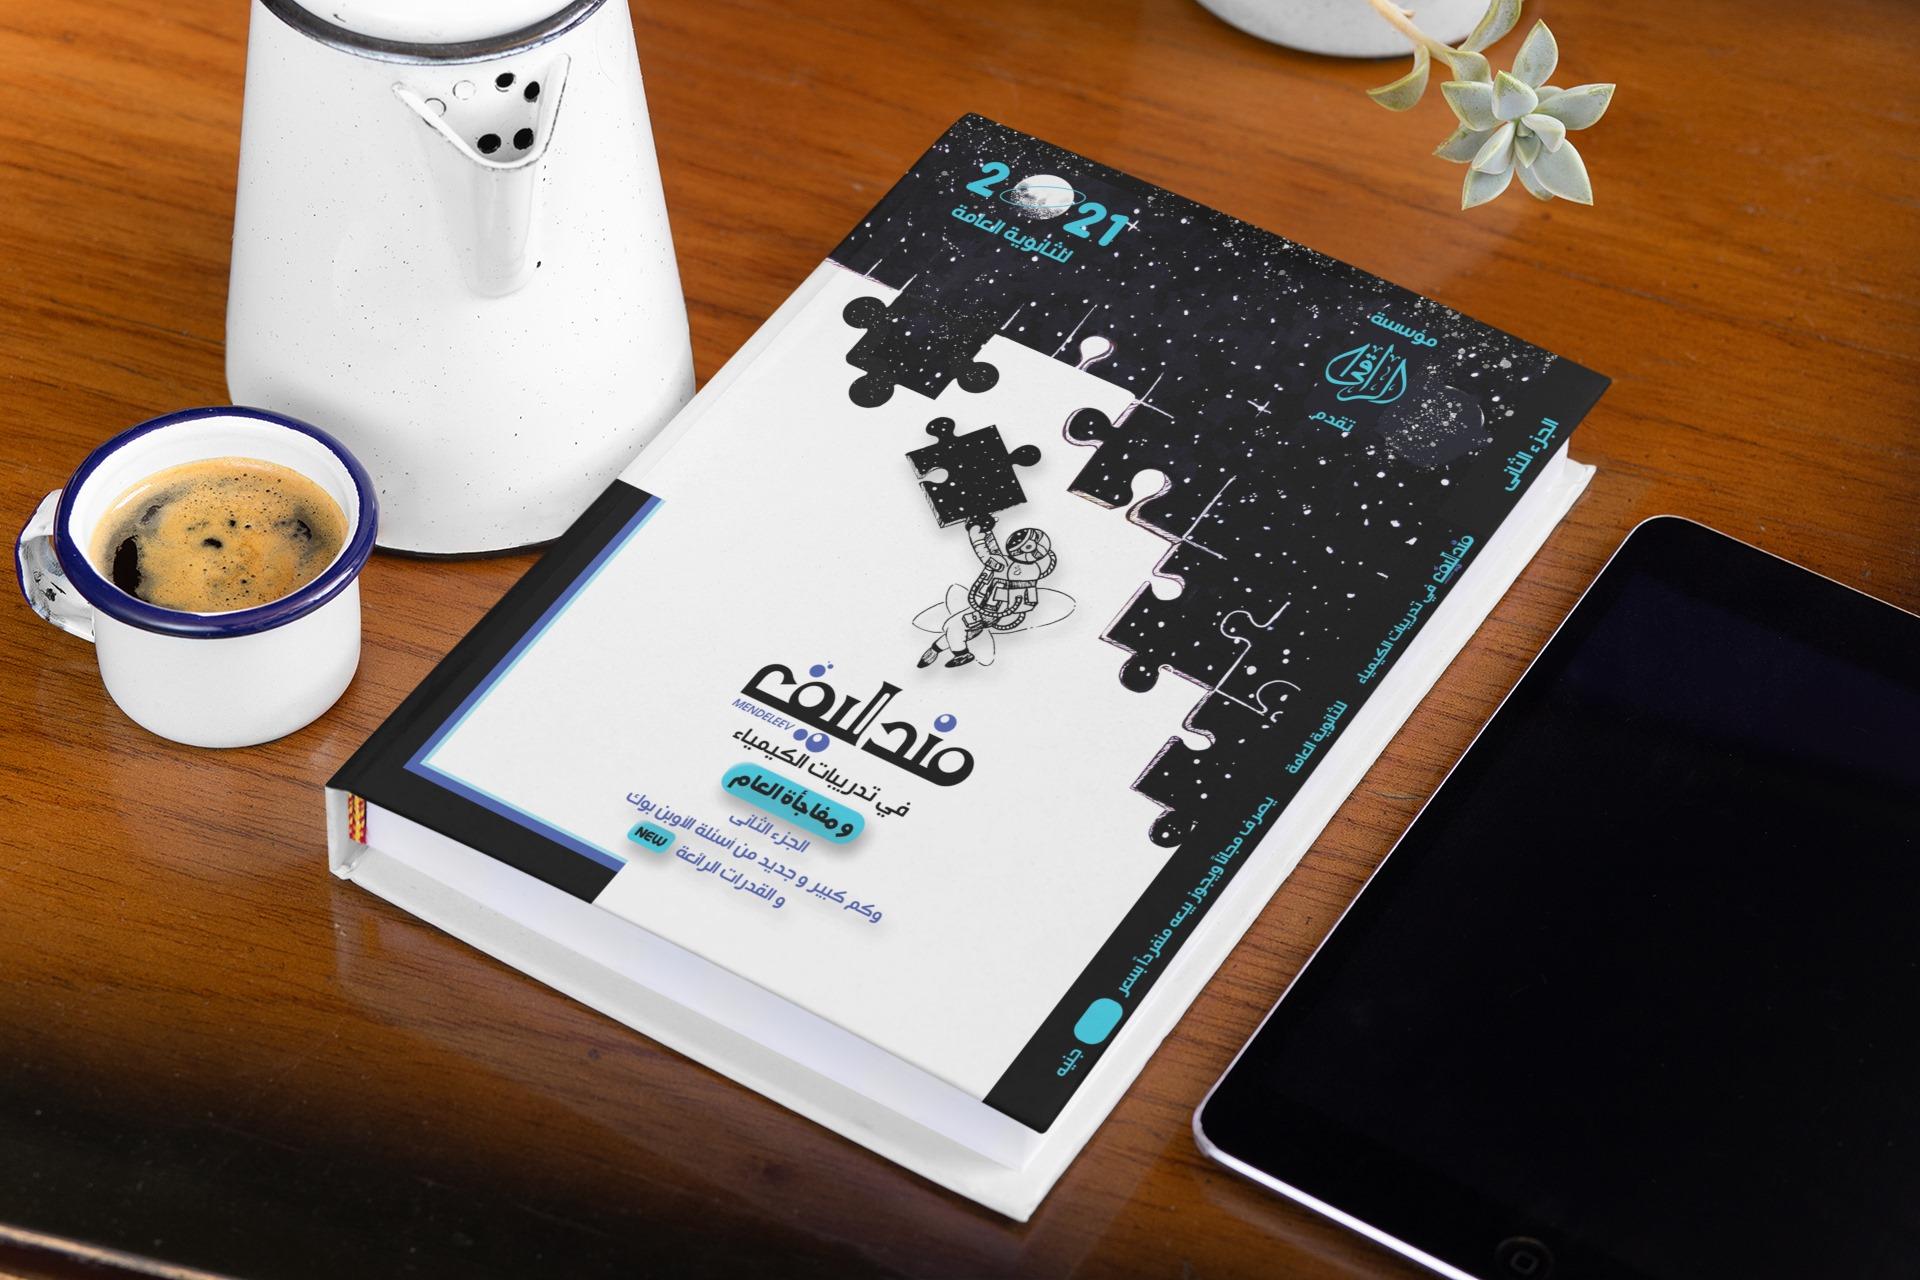 تحميل كتاب مندليف في الكيمياء للصف الثالث الثانوي 2021/2020